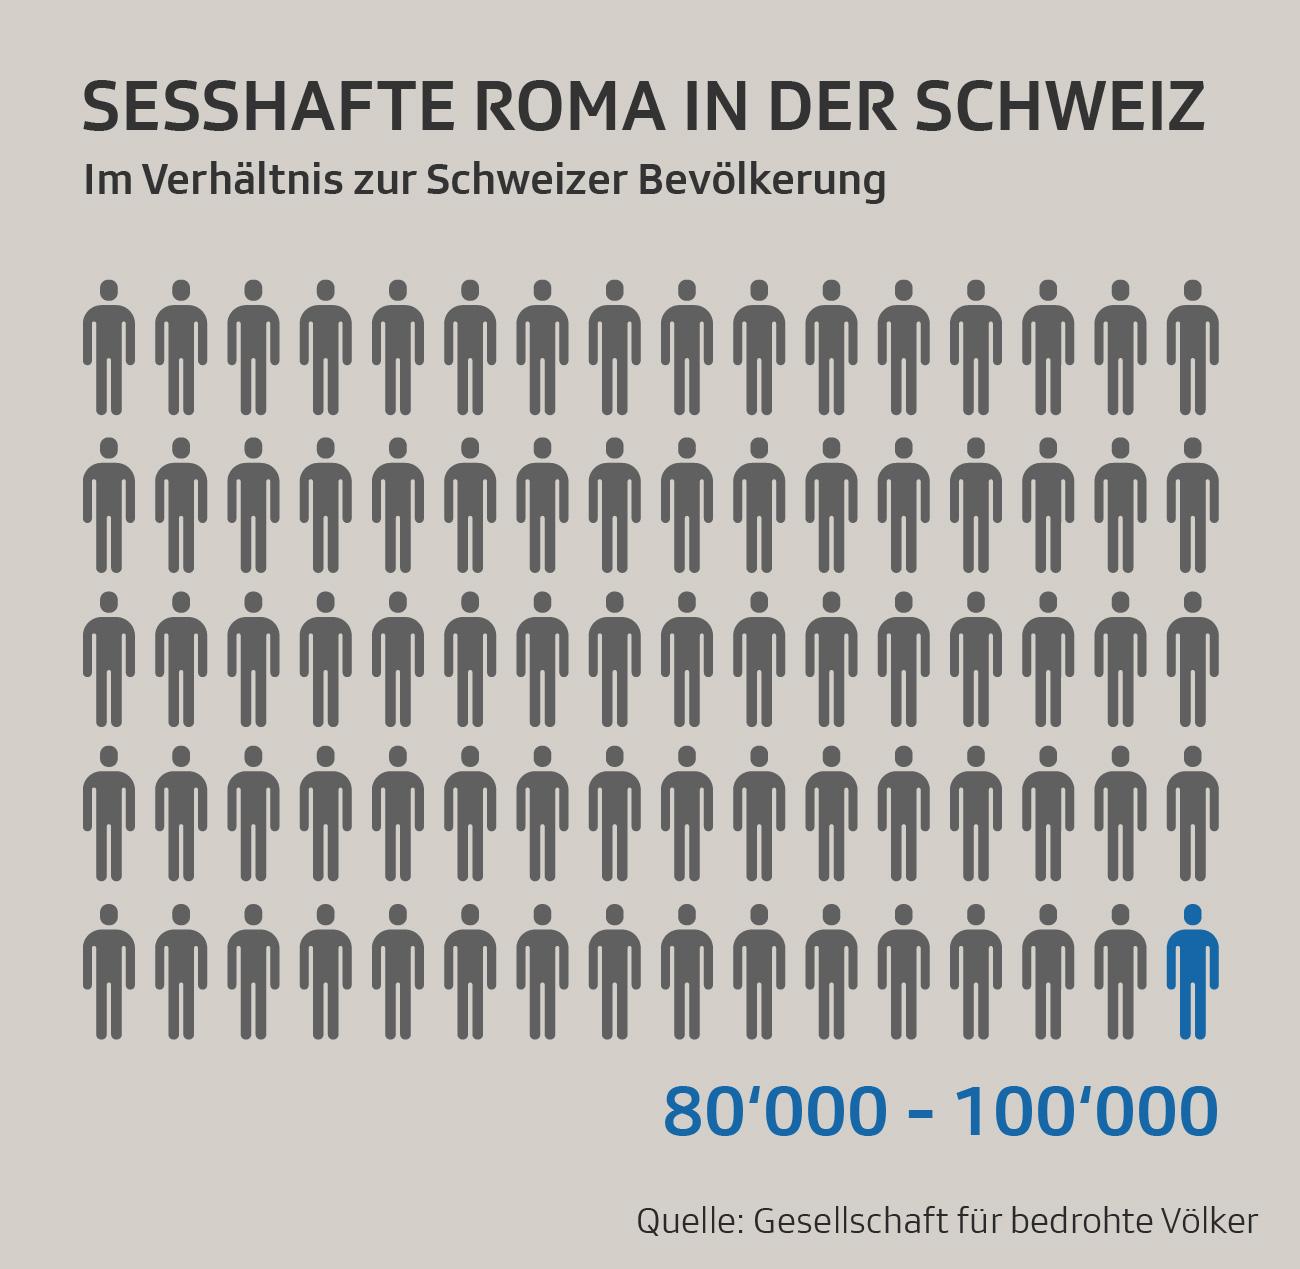 Infografik zu Fahrenden in der Schweiz